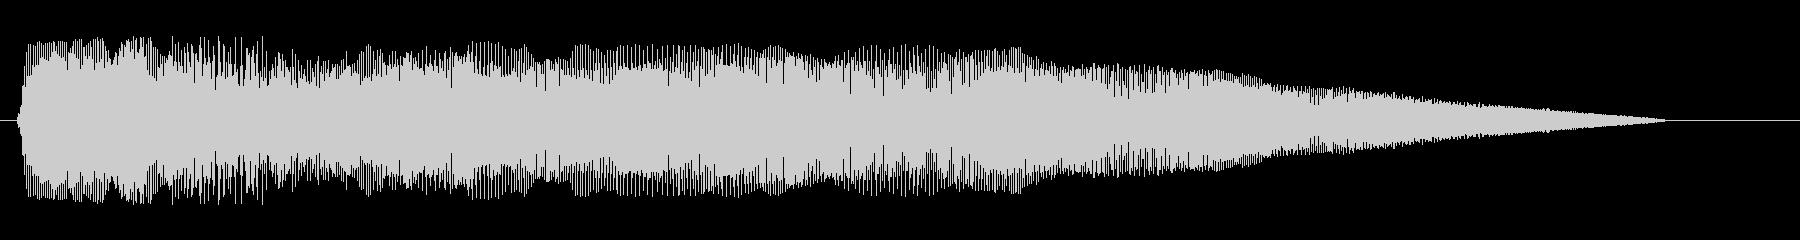 ピヨヨヨョ〜ン(コミカルな失敗音)の未再生の波形